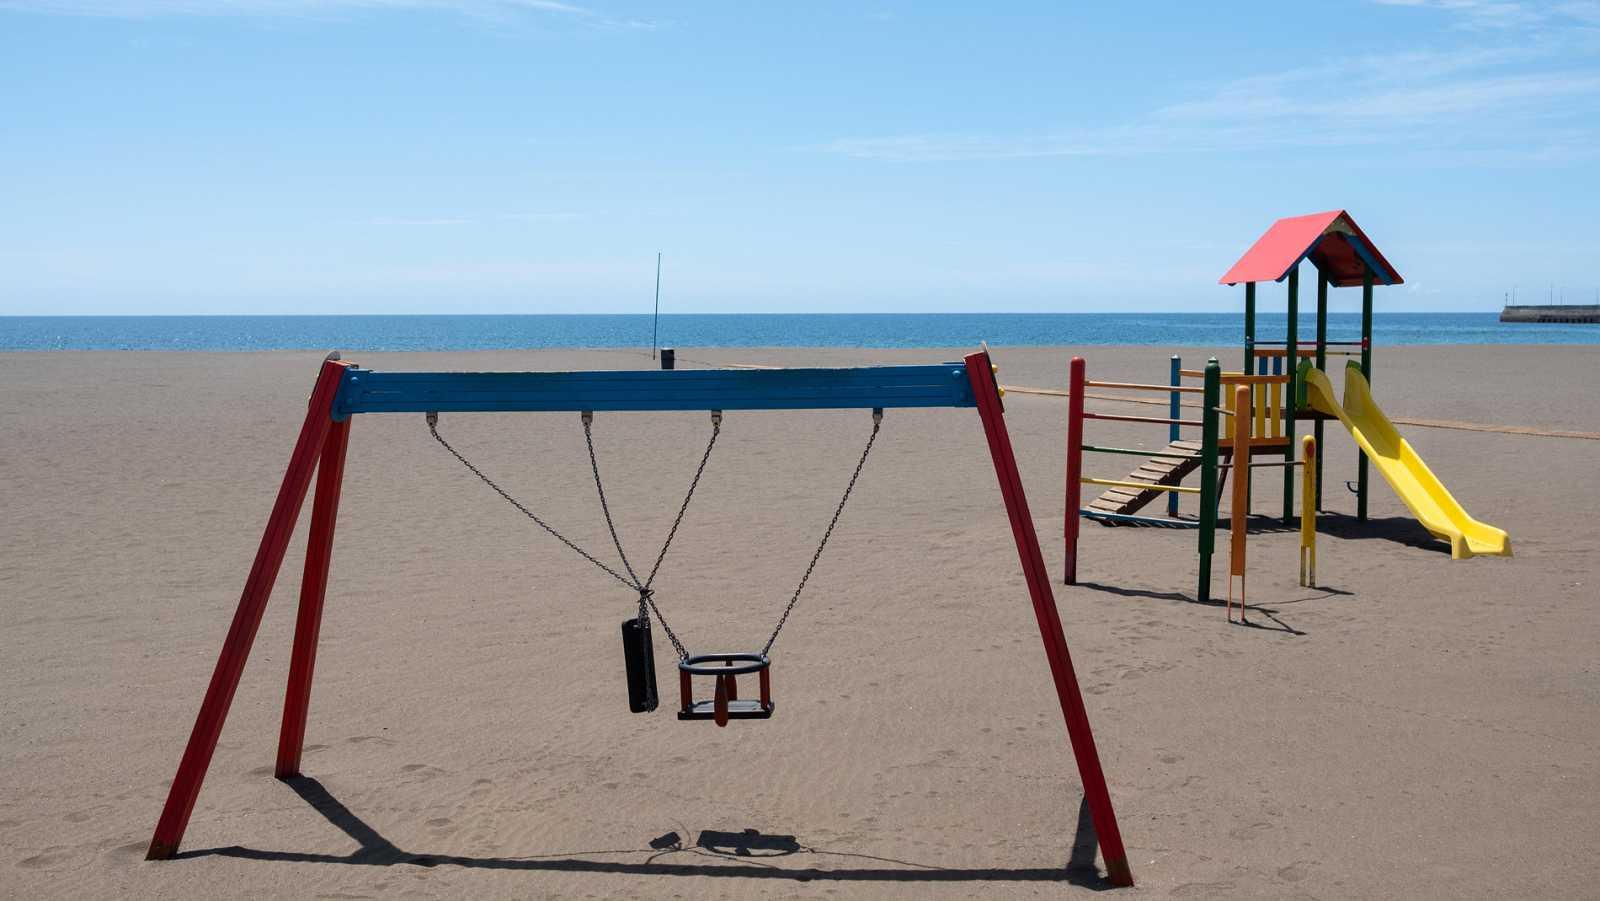 Los niños de hasta 14 años podrán dar paseos acompañados